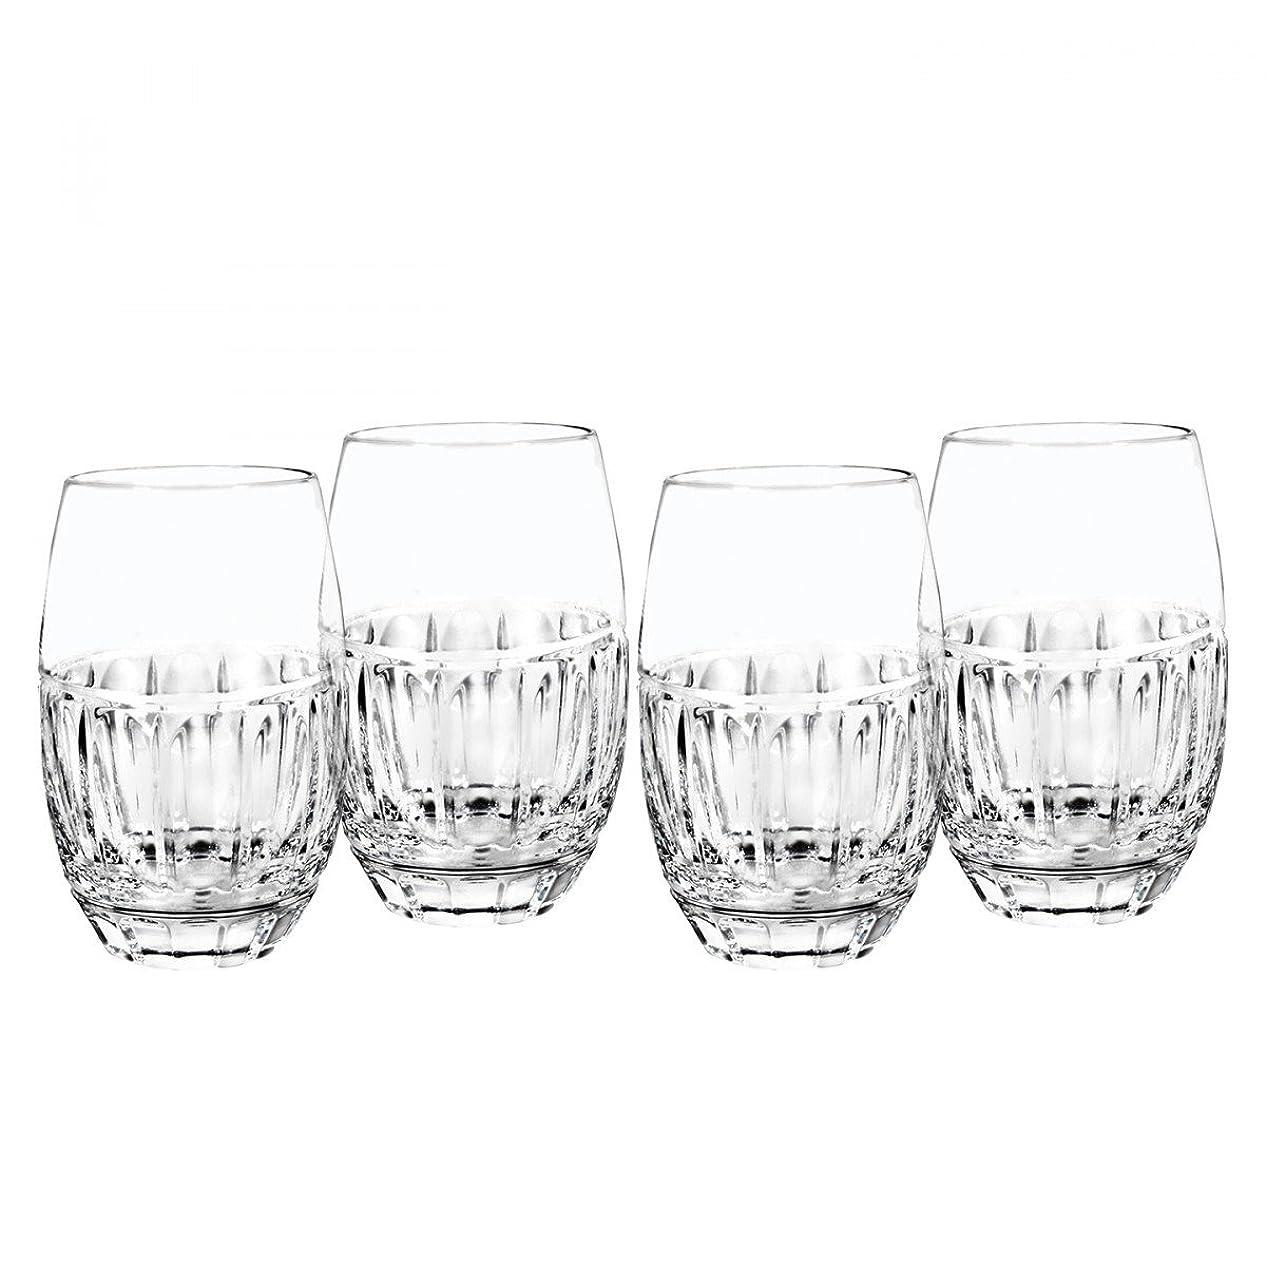 コテージ効能増幅器ボルトンStemlessワインガラス、4のセット、by Waterford